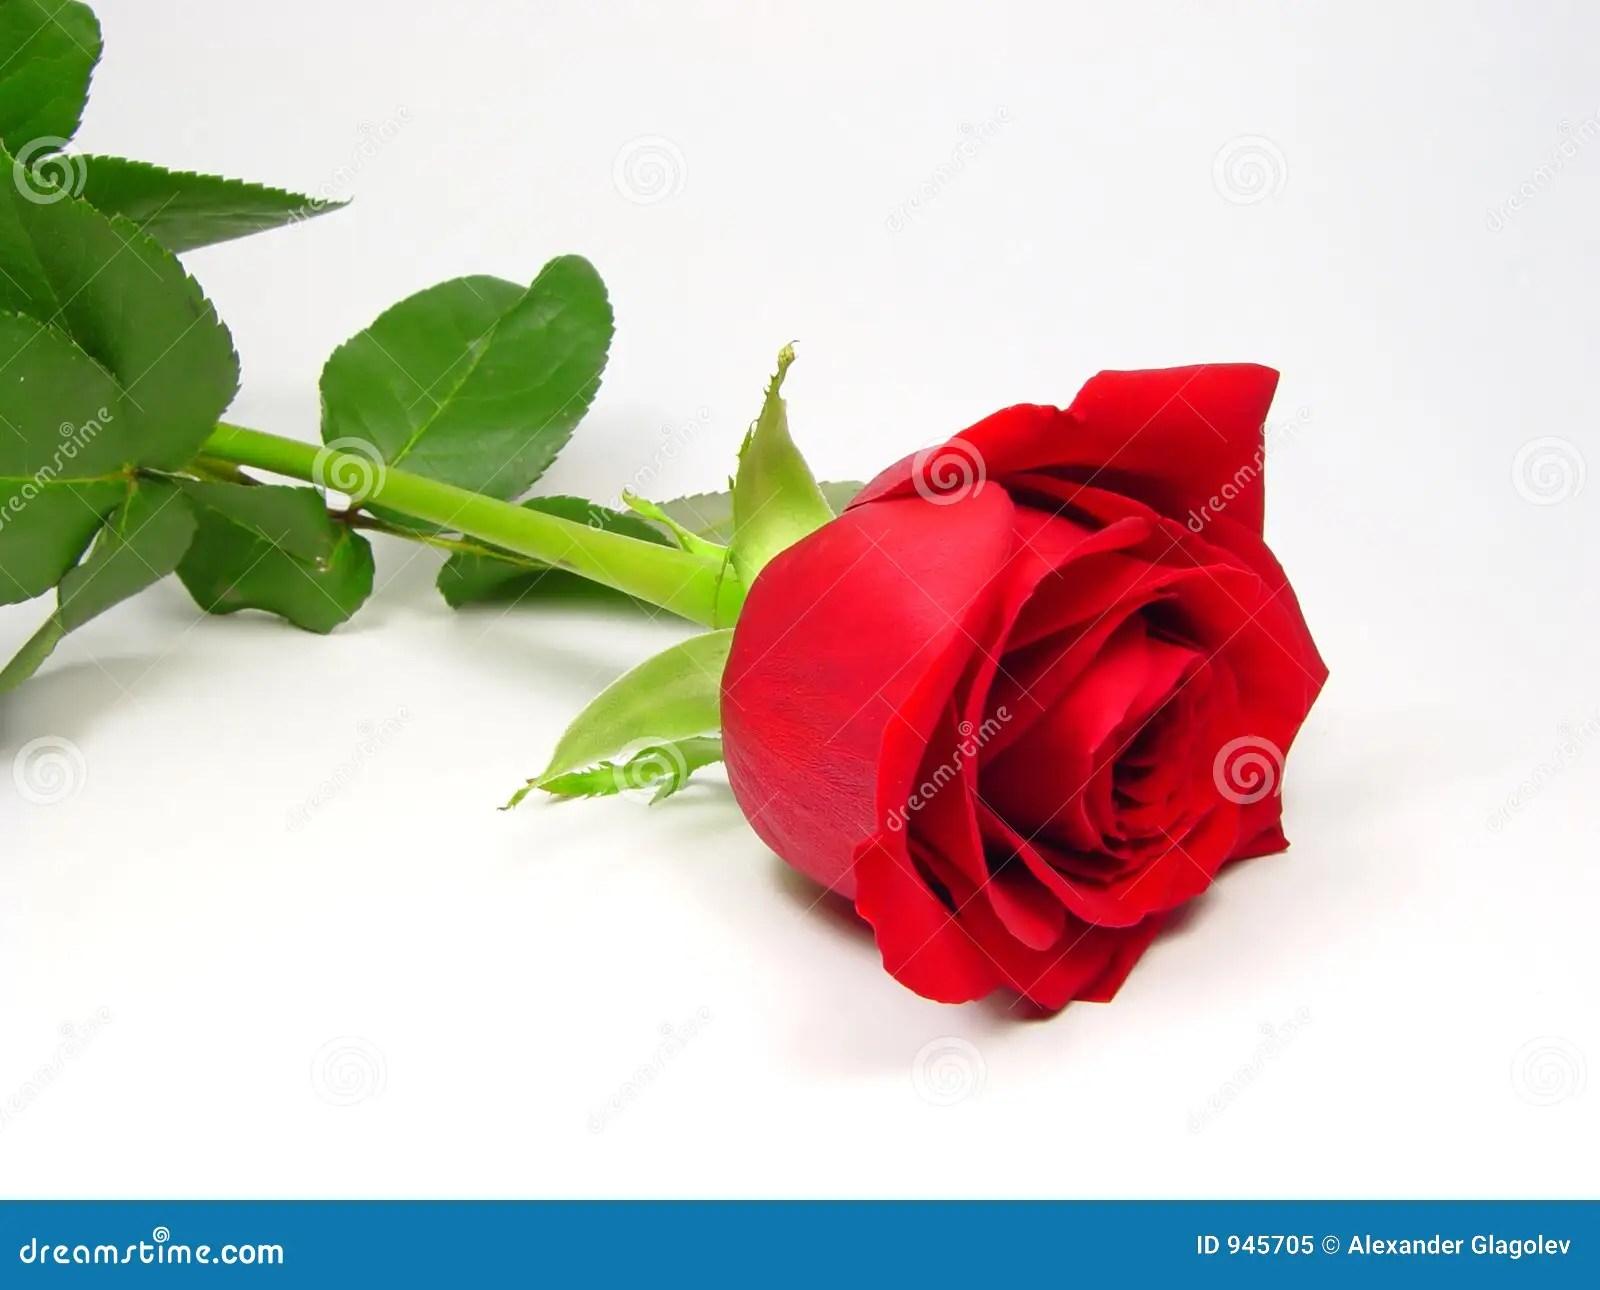 Elegant Rose Stock Image Image Of Forever Flower Ring